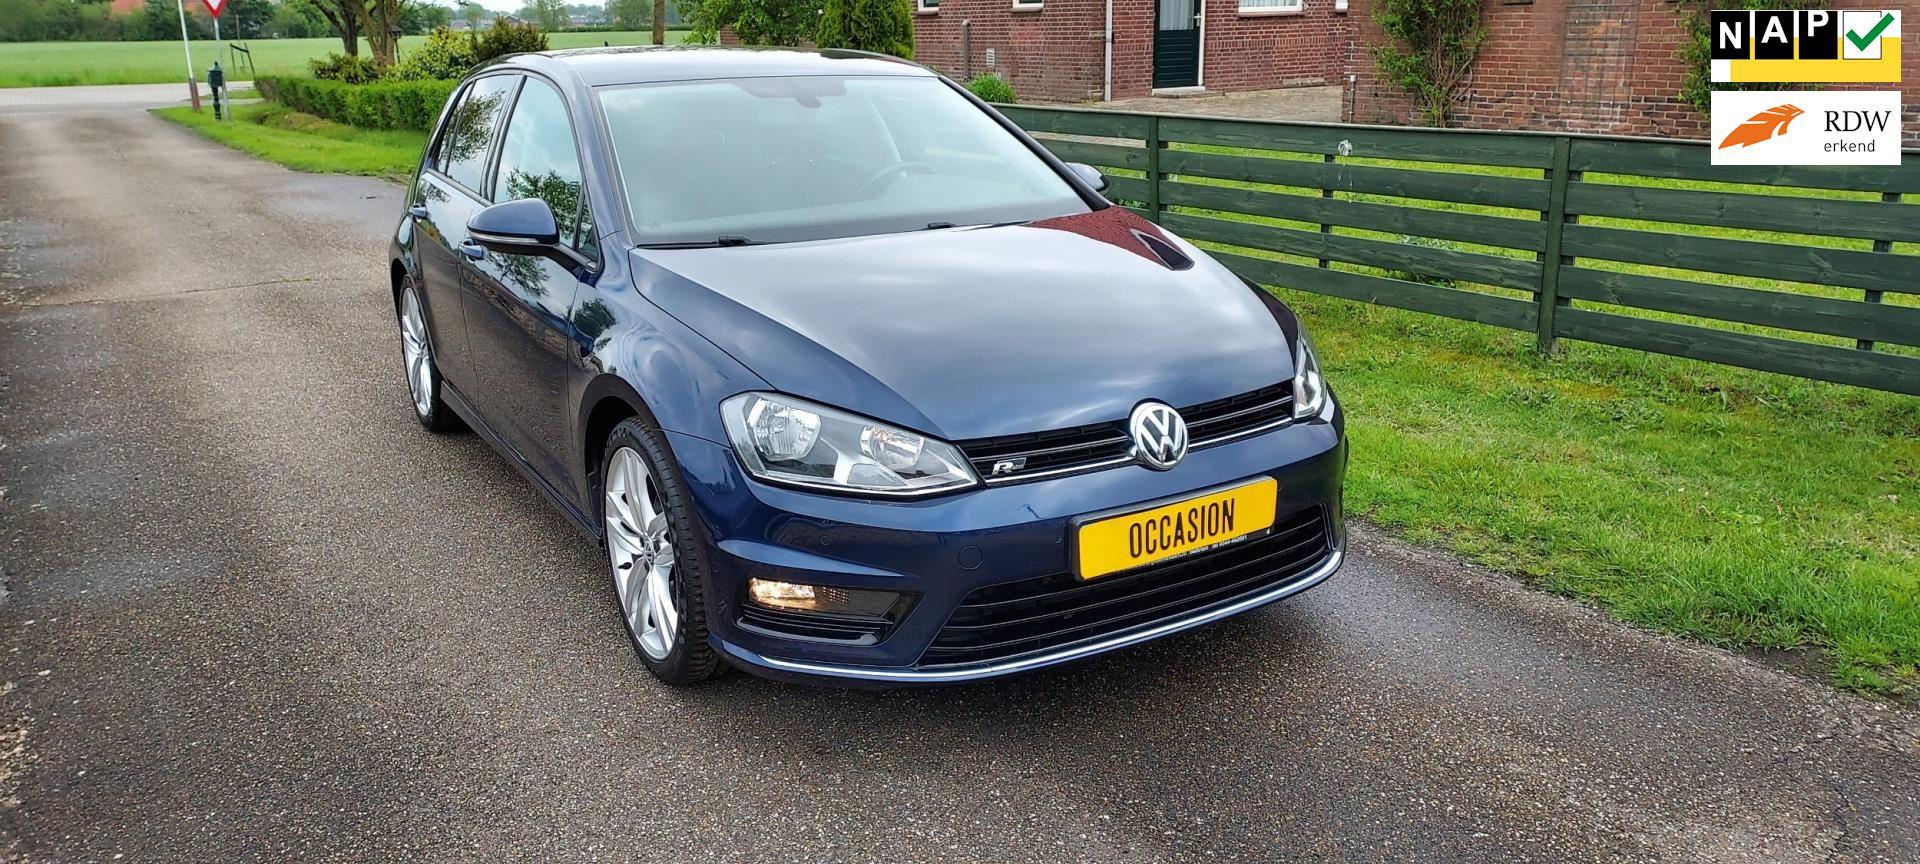 Volkswagen Golf occasion - Autobedrijf Berentsen